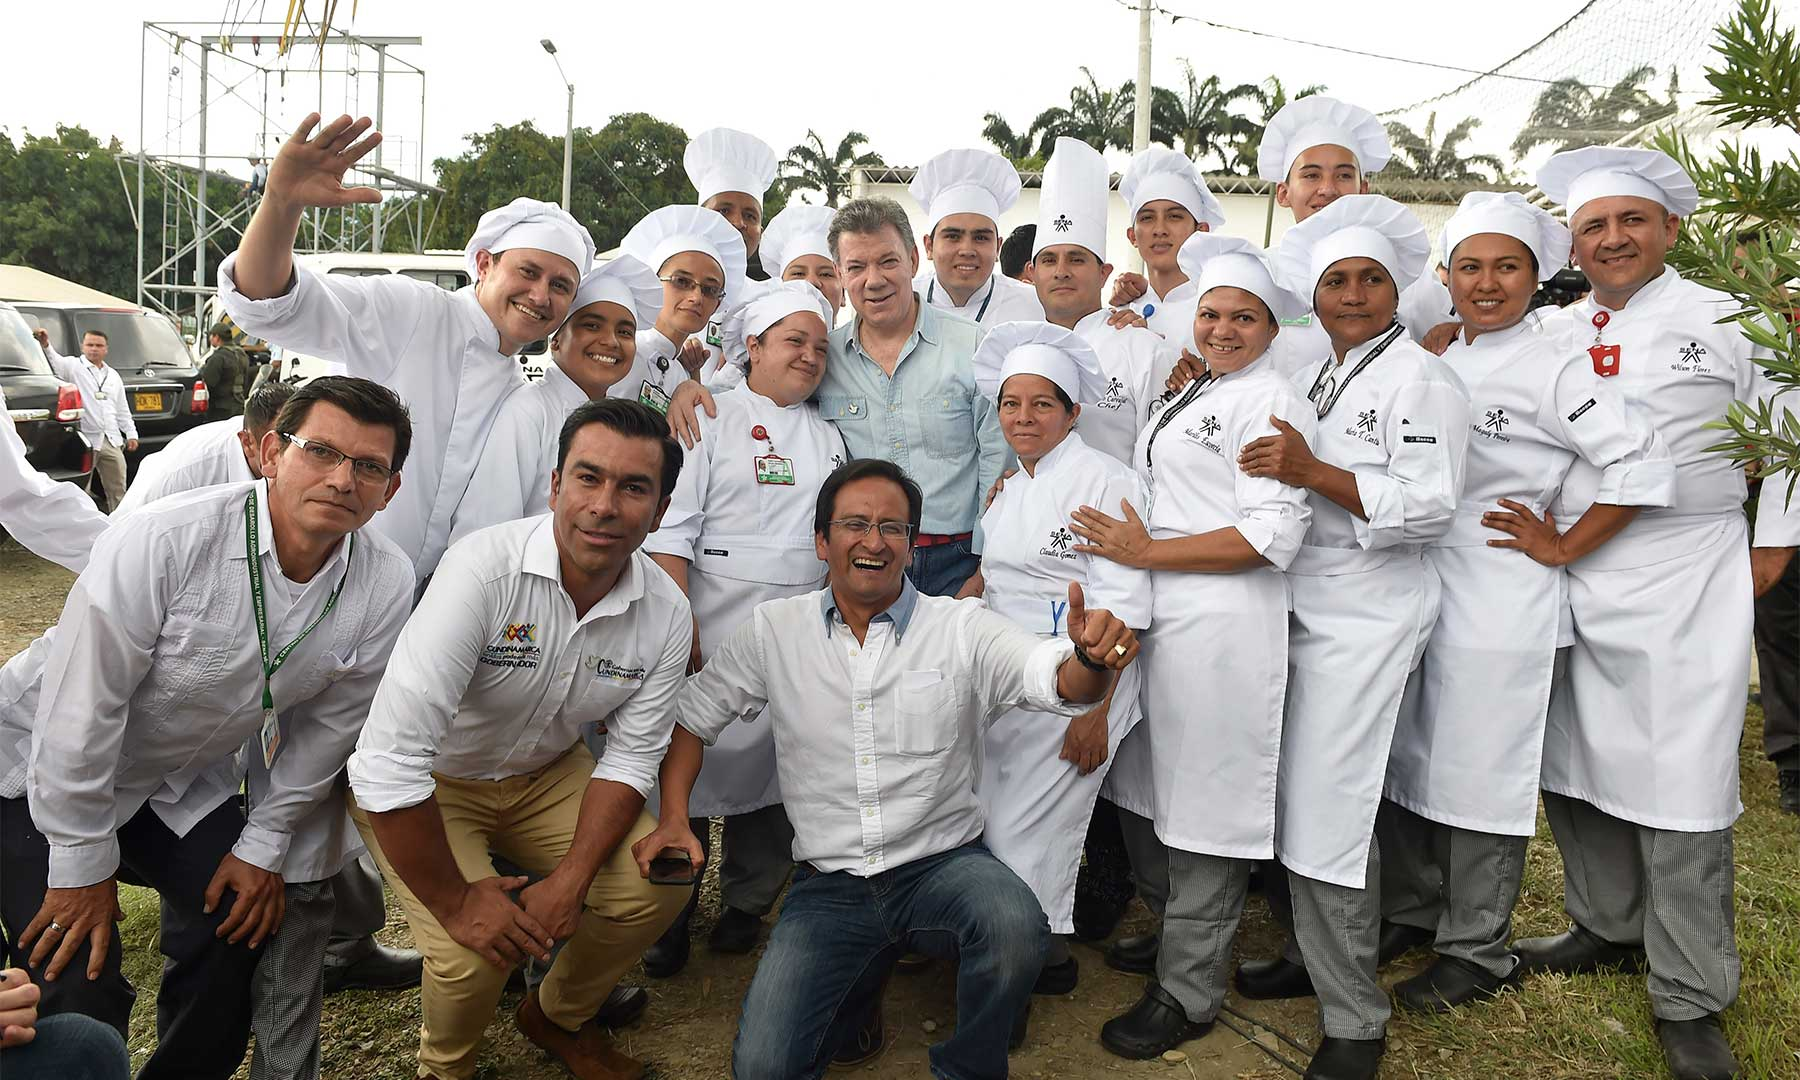 d6552276b2 El-Presidente-Juan-Manuel-Santos-departe-este-sábado-con-chefs-del-Centro-de...  14-Feb-2016 04 18 ...